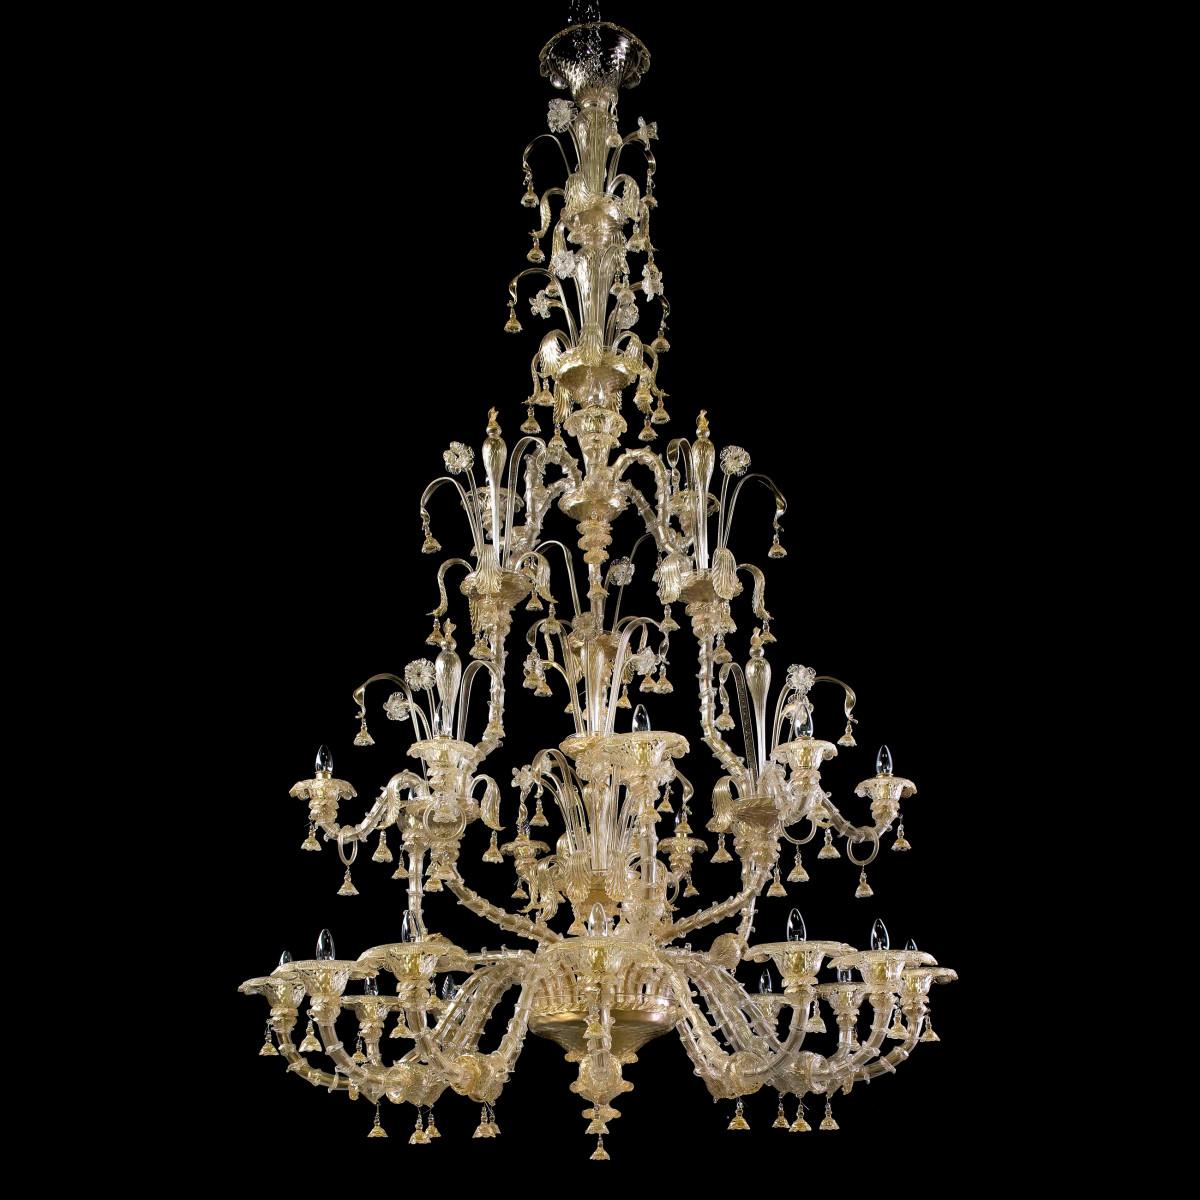 Magnifico 4 niveaux 12 +3 +6 +3 feux de Murano chandelier avec des crêtes double